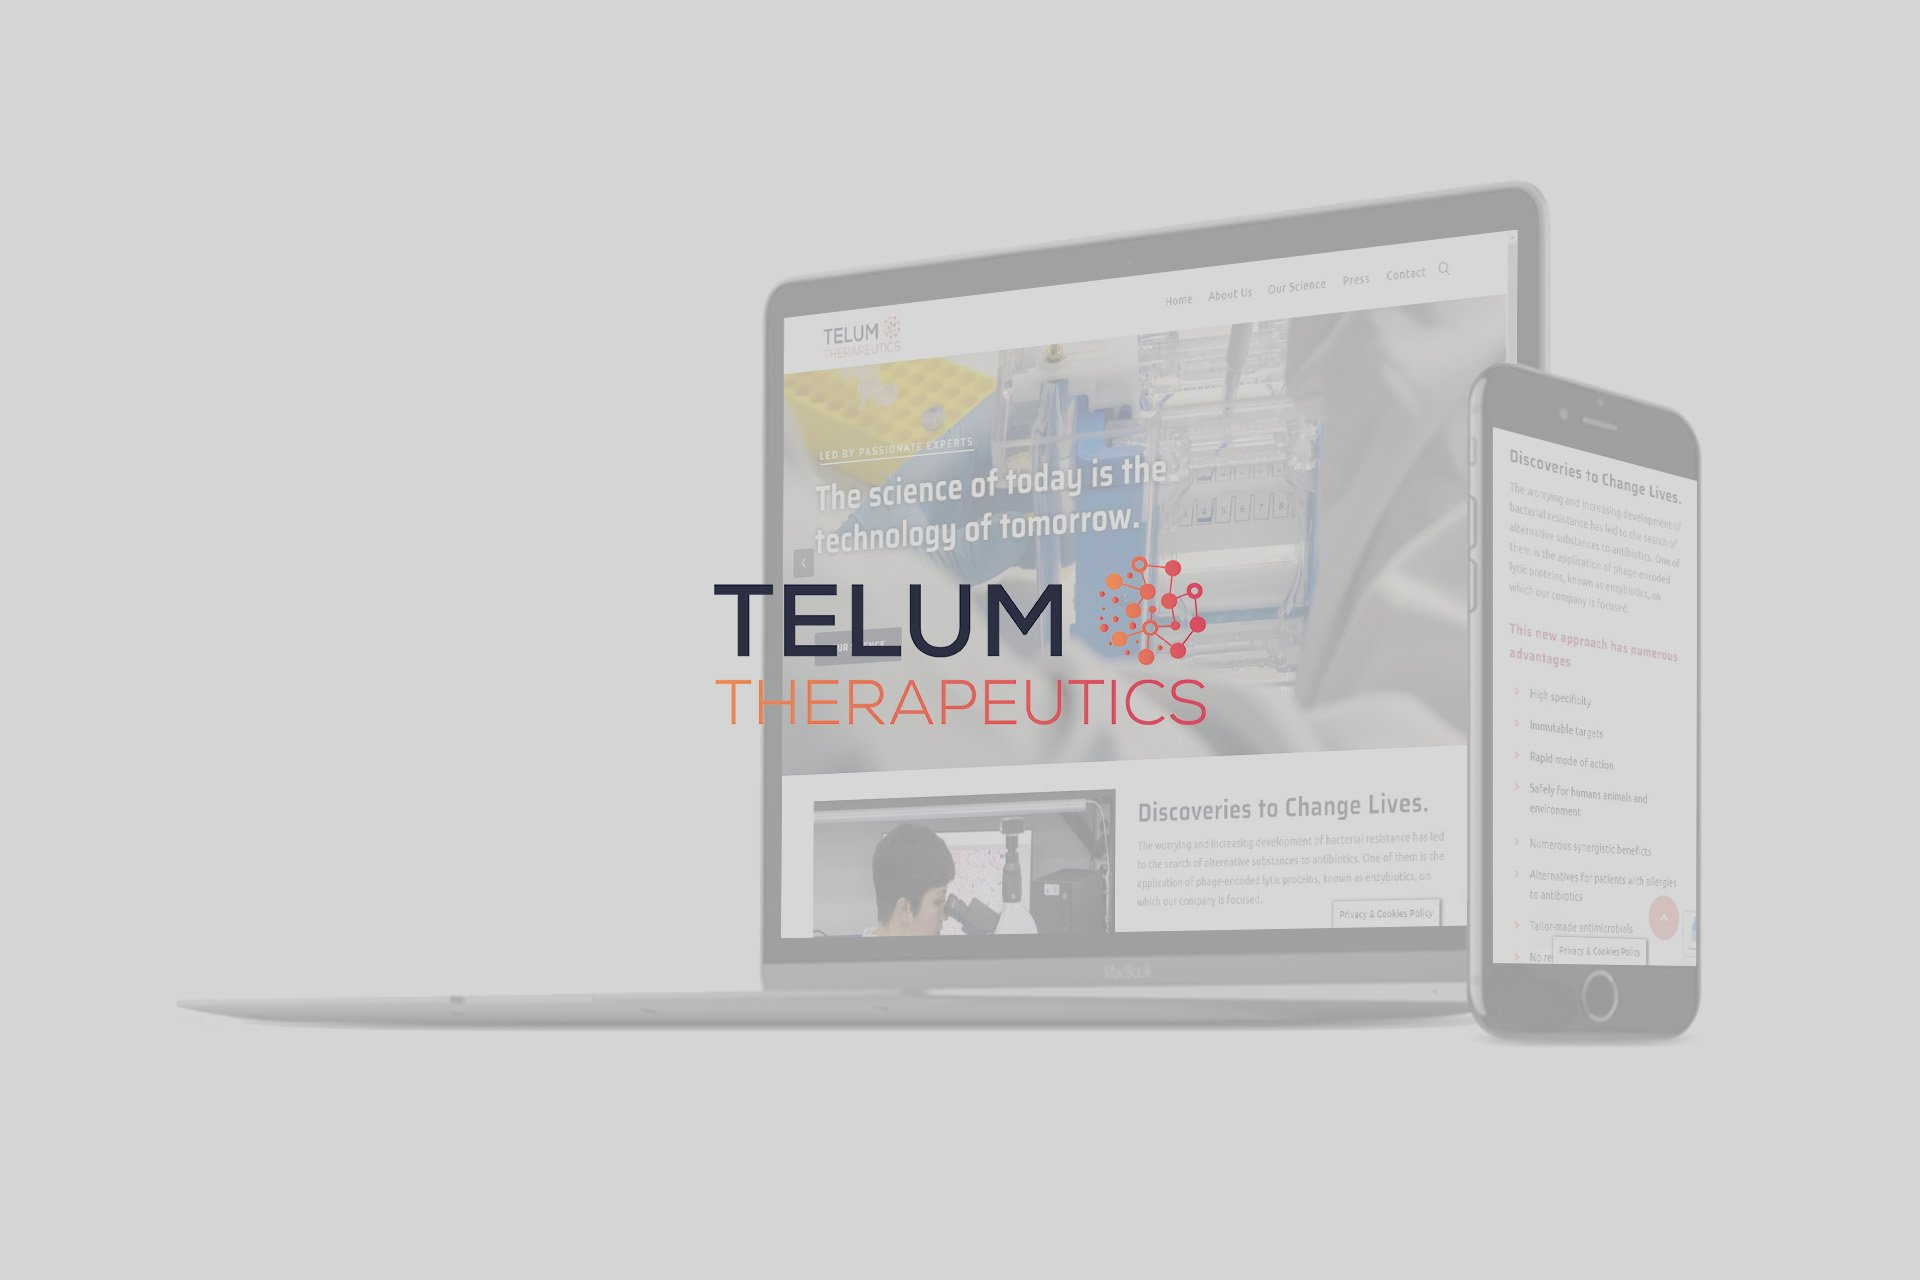 Telum Therapeutics